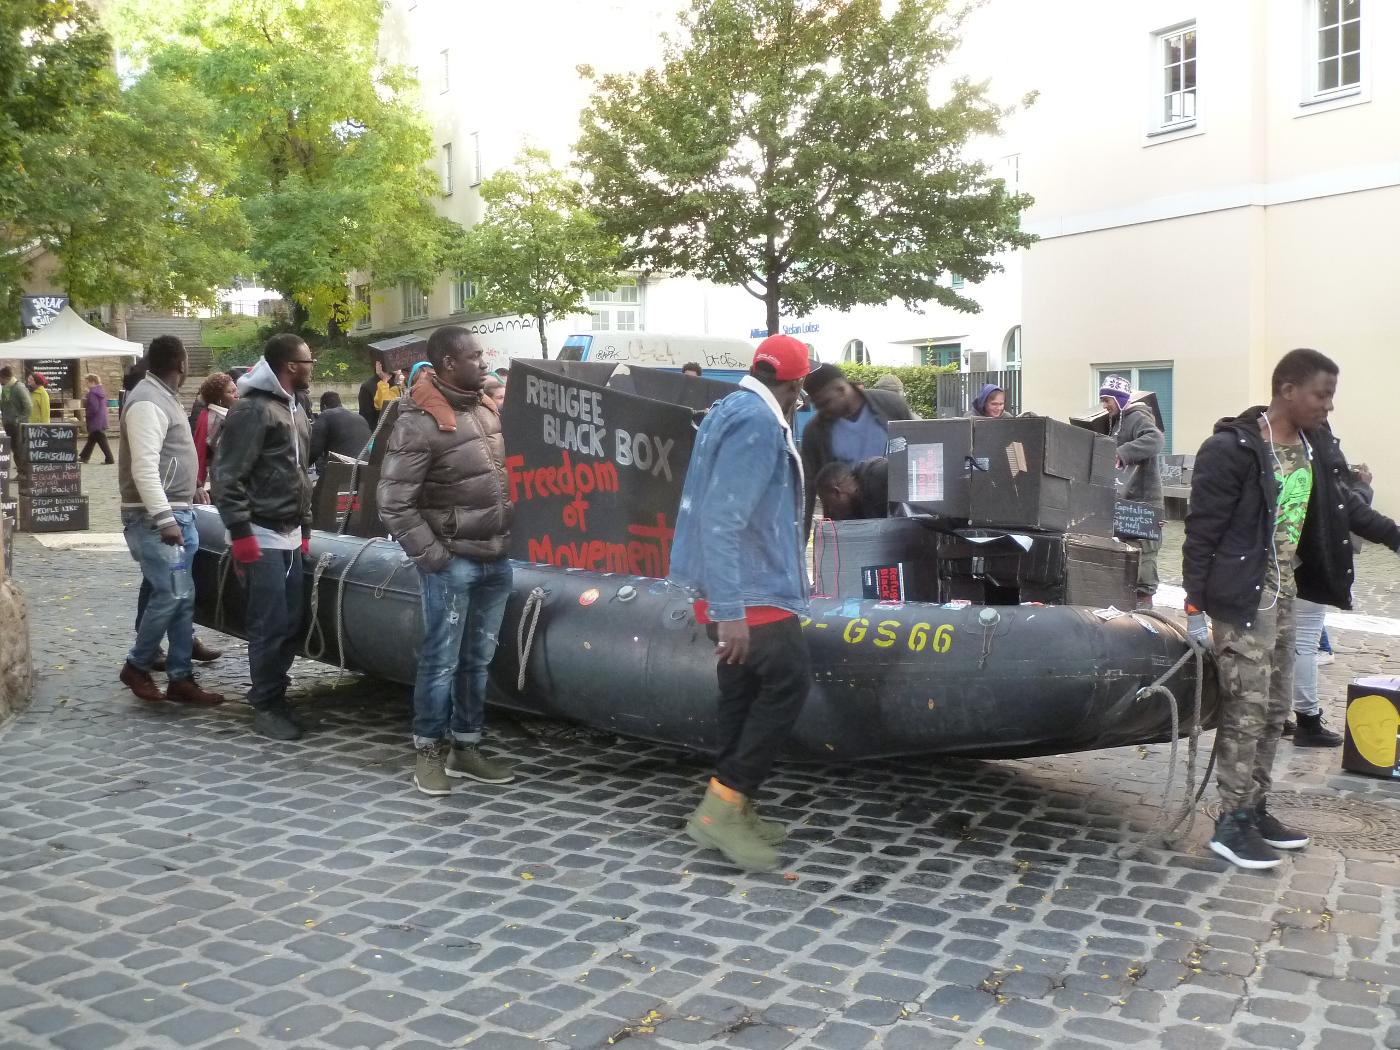 Das Schlauchboot als Symbol für den Kampf um die Bewegungsfreiheit und die Opfer der Festung Europa